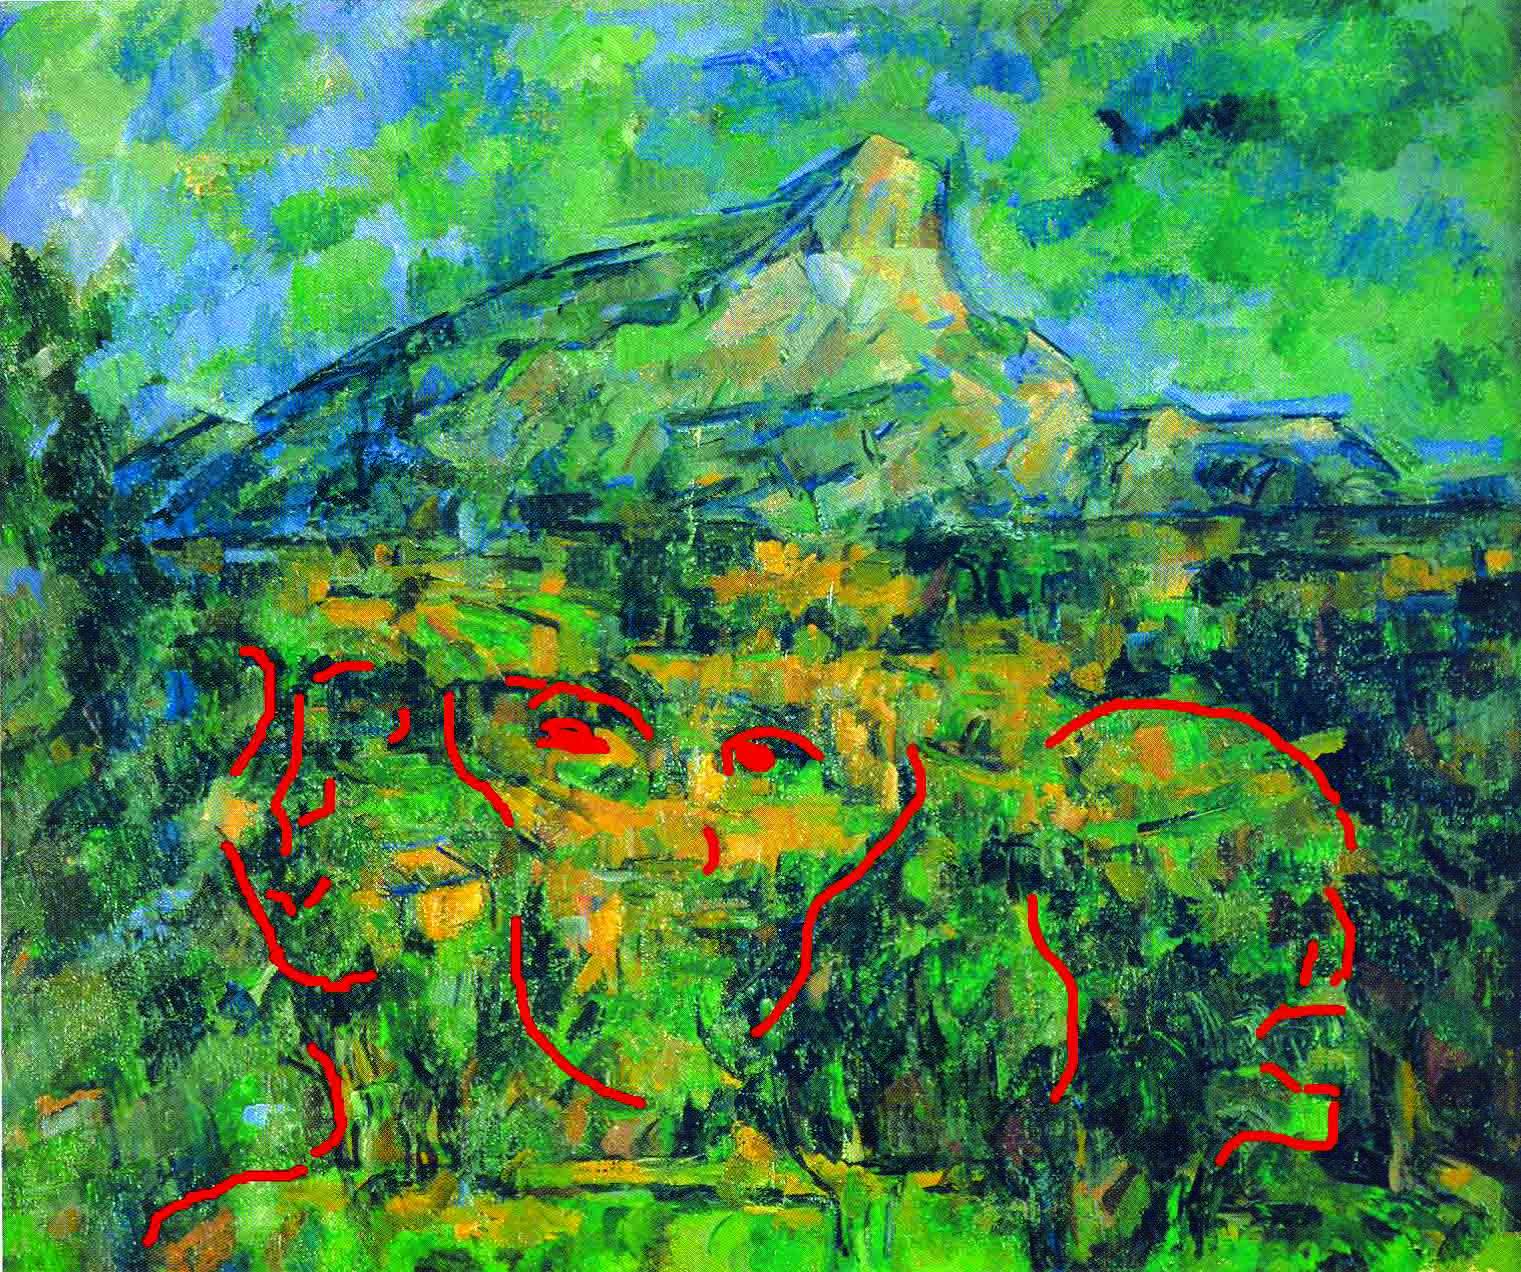 """Scoperti i tre volti nascosti Paul Cézanne, """"La Montagne Sainte-Victoire vue des Lauves"""",  1904-1905, olio su tela, Mosca, Museo delle Belle arti Puskin Dallo """"scavo"""" del quadro emergono tre volti appena riconoscibili. Il primo appartiene ad un giovane, dai tratti riconducibili a quelli di un """"Arlecchino"""" degli anni '90, soggetto per il quale posò anche il figlio Paul. Il secondo è quello di un uomo adulto, volto memore soprattutto del ritratto a matita di Delacroix, maestro al quale Cézanne dedicò una vera e propria """"Apoteosi"""". Il terzo conduce alla tragicità della vecchiaia, della malattia, della morte. Un teschio dalla bocca orribilmente spalancata che non trova precedenti nella pittura dell'artista, nemmeno nei numerosi teschi dipinti a partire dagli ultimi anni '90"""